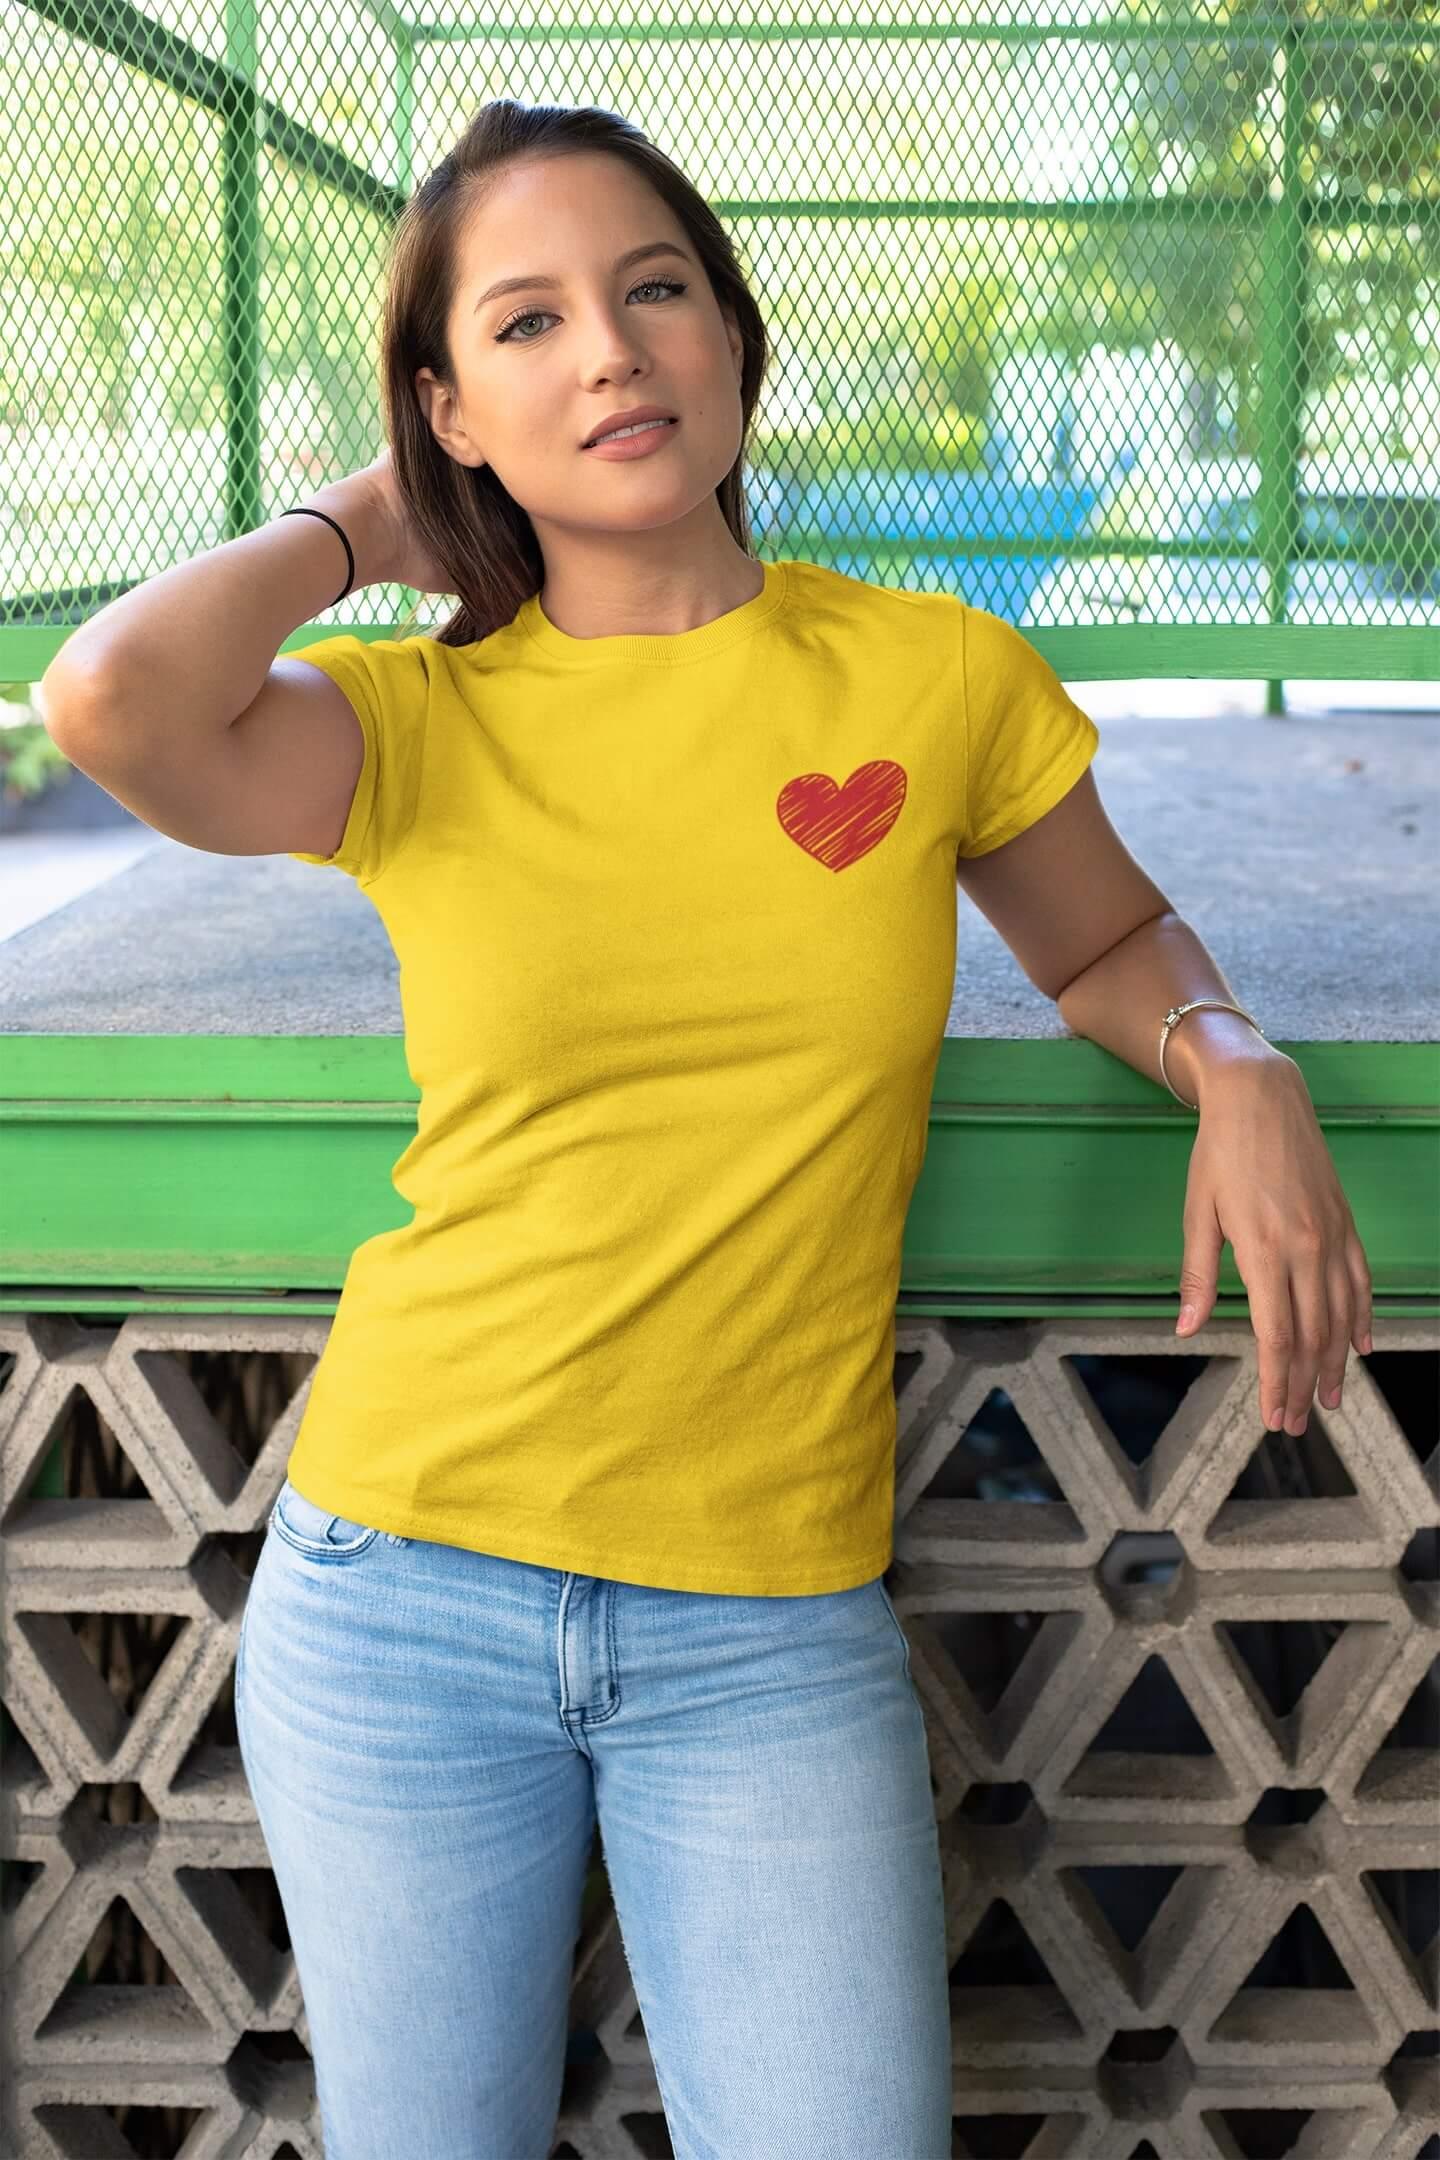 MMO Dámske tričko Červené srdce Vyberte farbu: Žltá, Dámska veľkosť: M